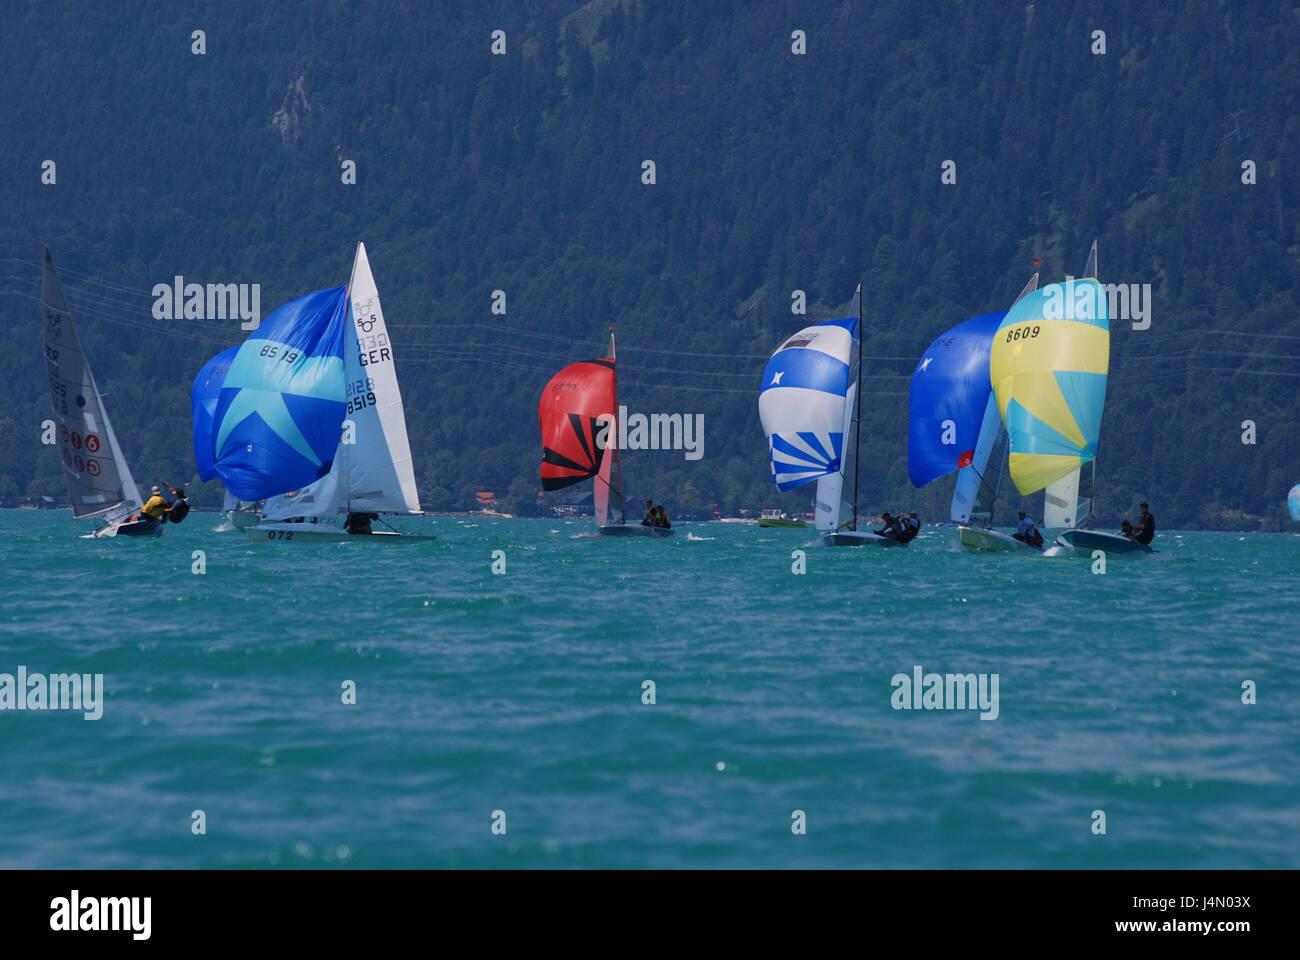 Regatta, sailboats, spinnakers, Germany, Bavaria, Walchensee, lake, boats, ships, sailing ships, sailings, sport, - Stock Image